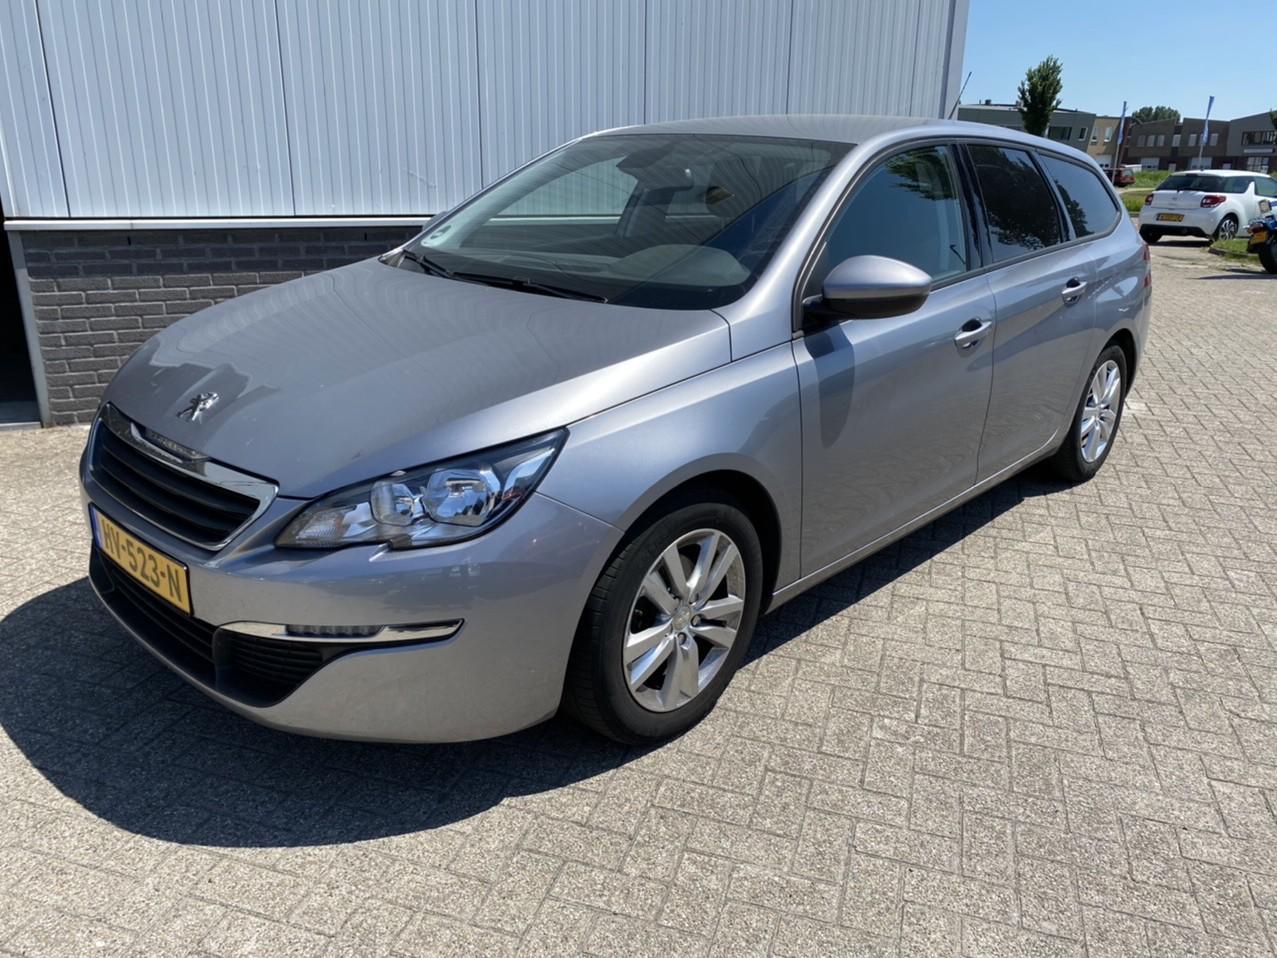 Peugeot 308 120pk navigatie rijklaar prijs